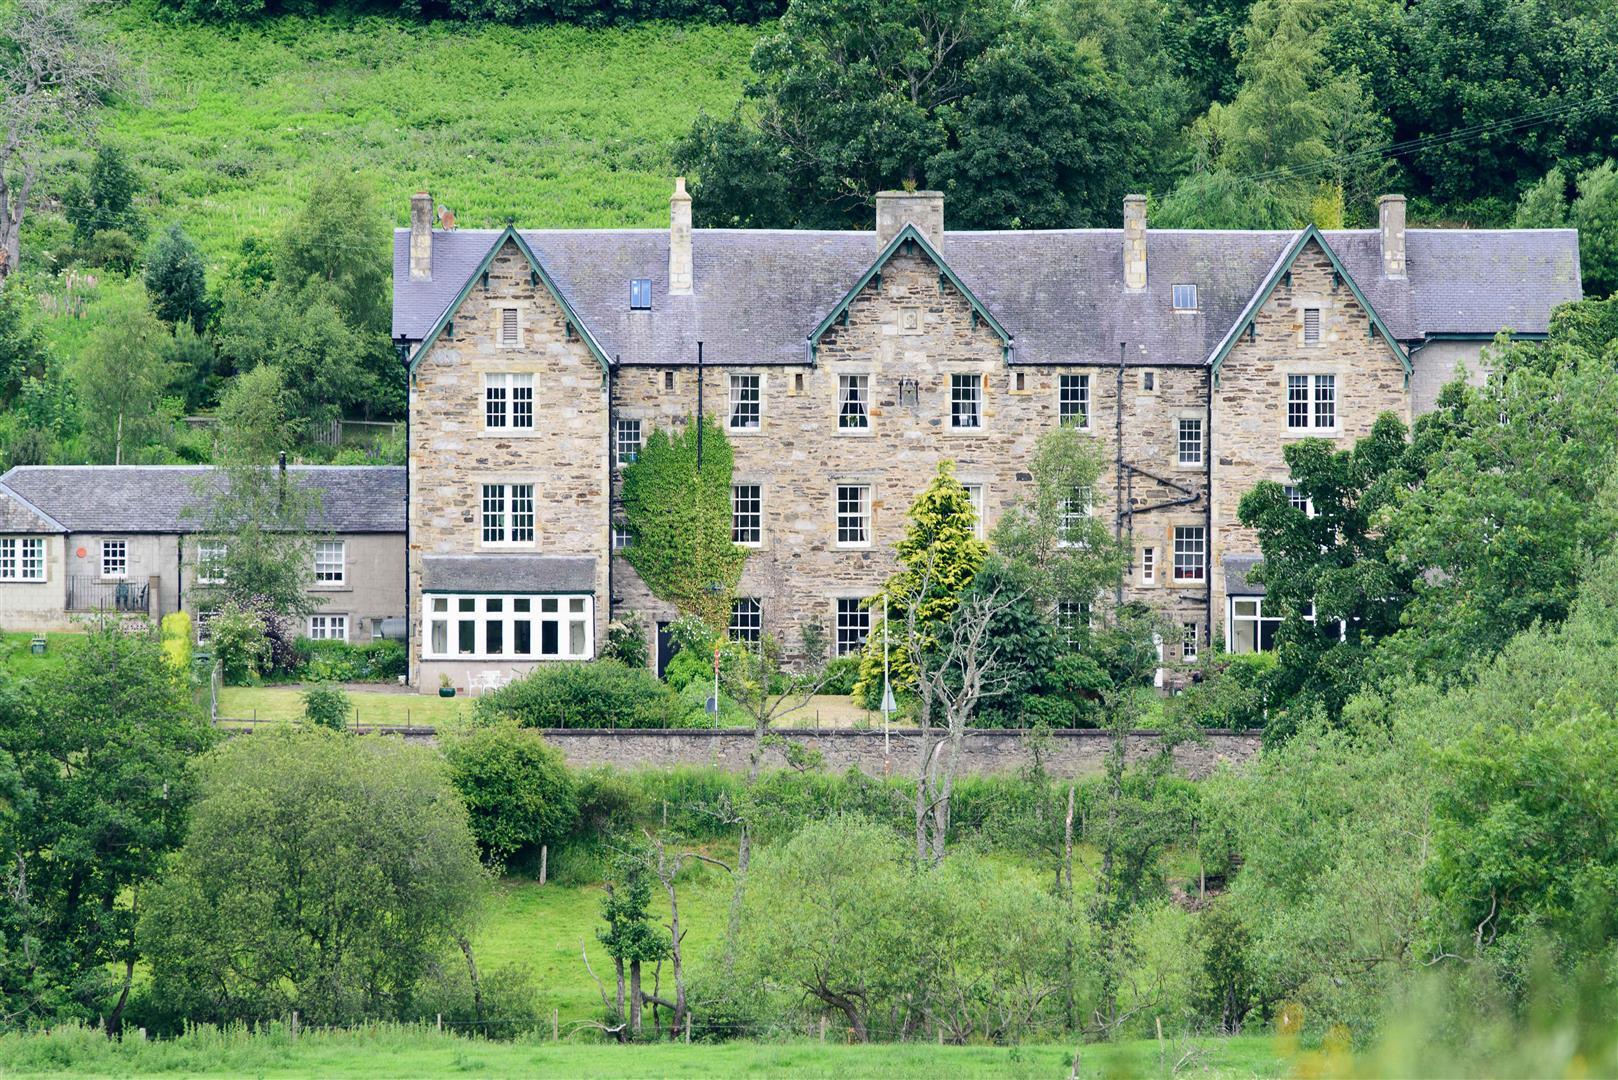 6 Cuil-An-Daraich, Logierait, Pitlochry, Perthshire, PH9 0LH, UK